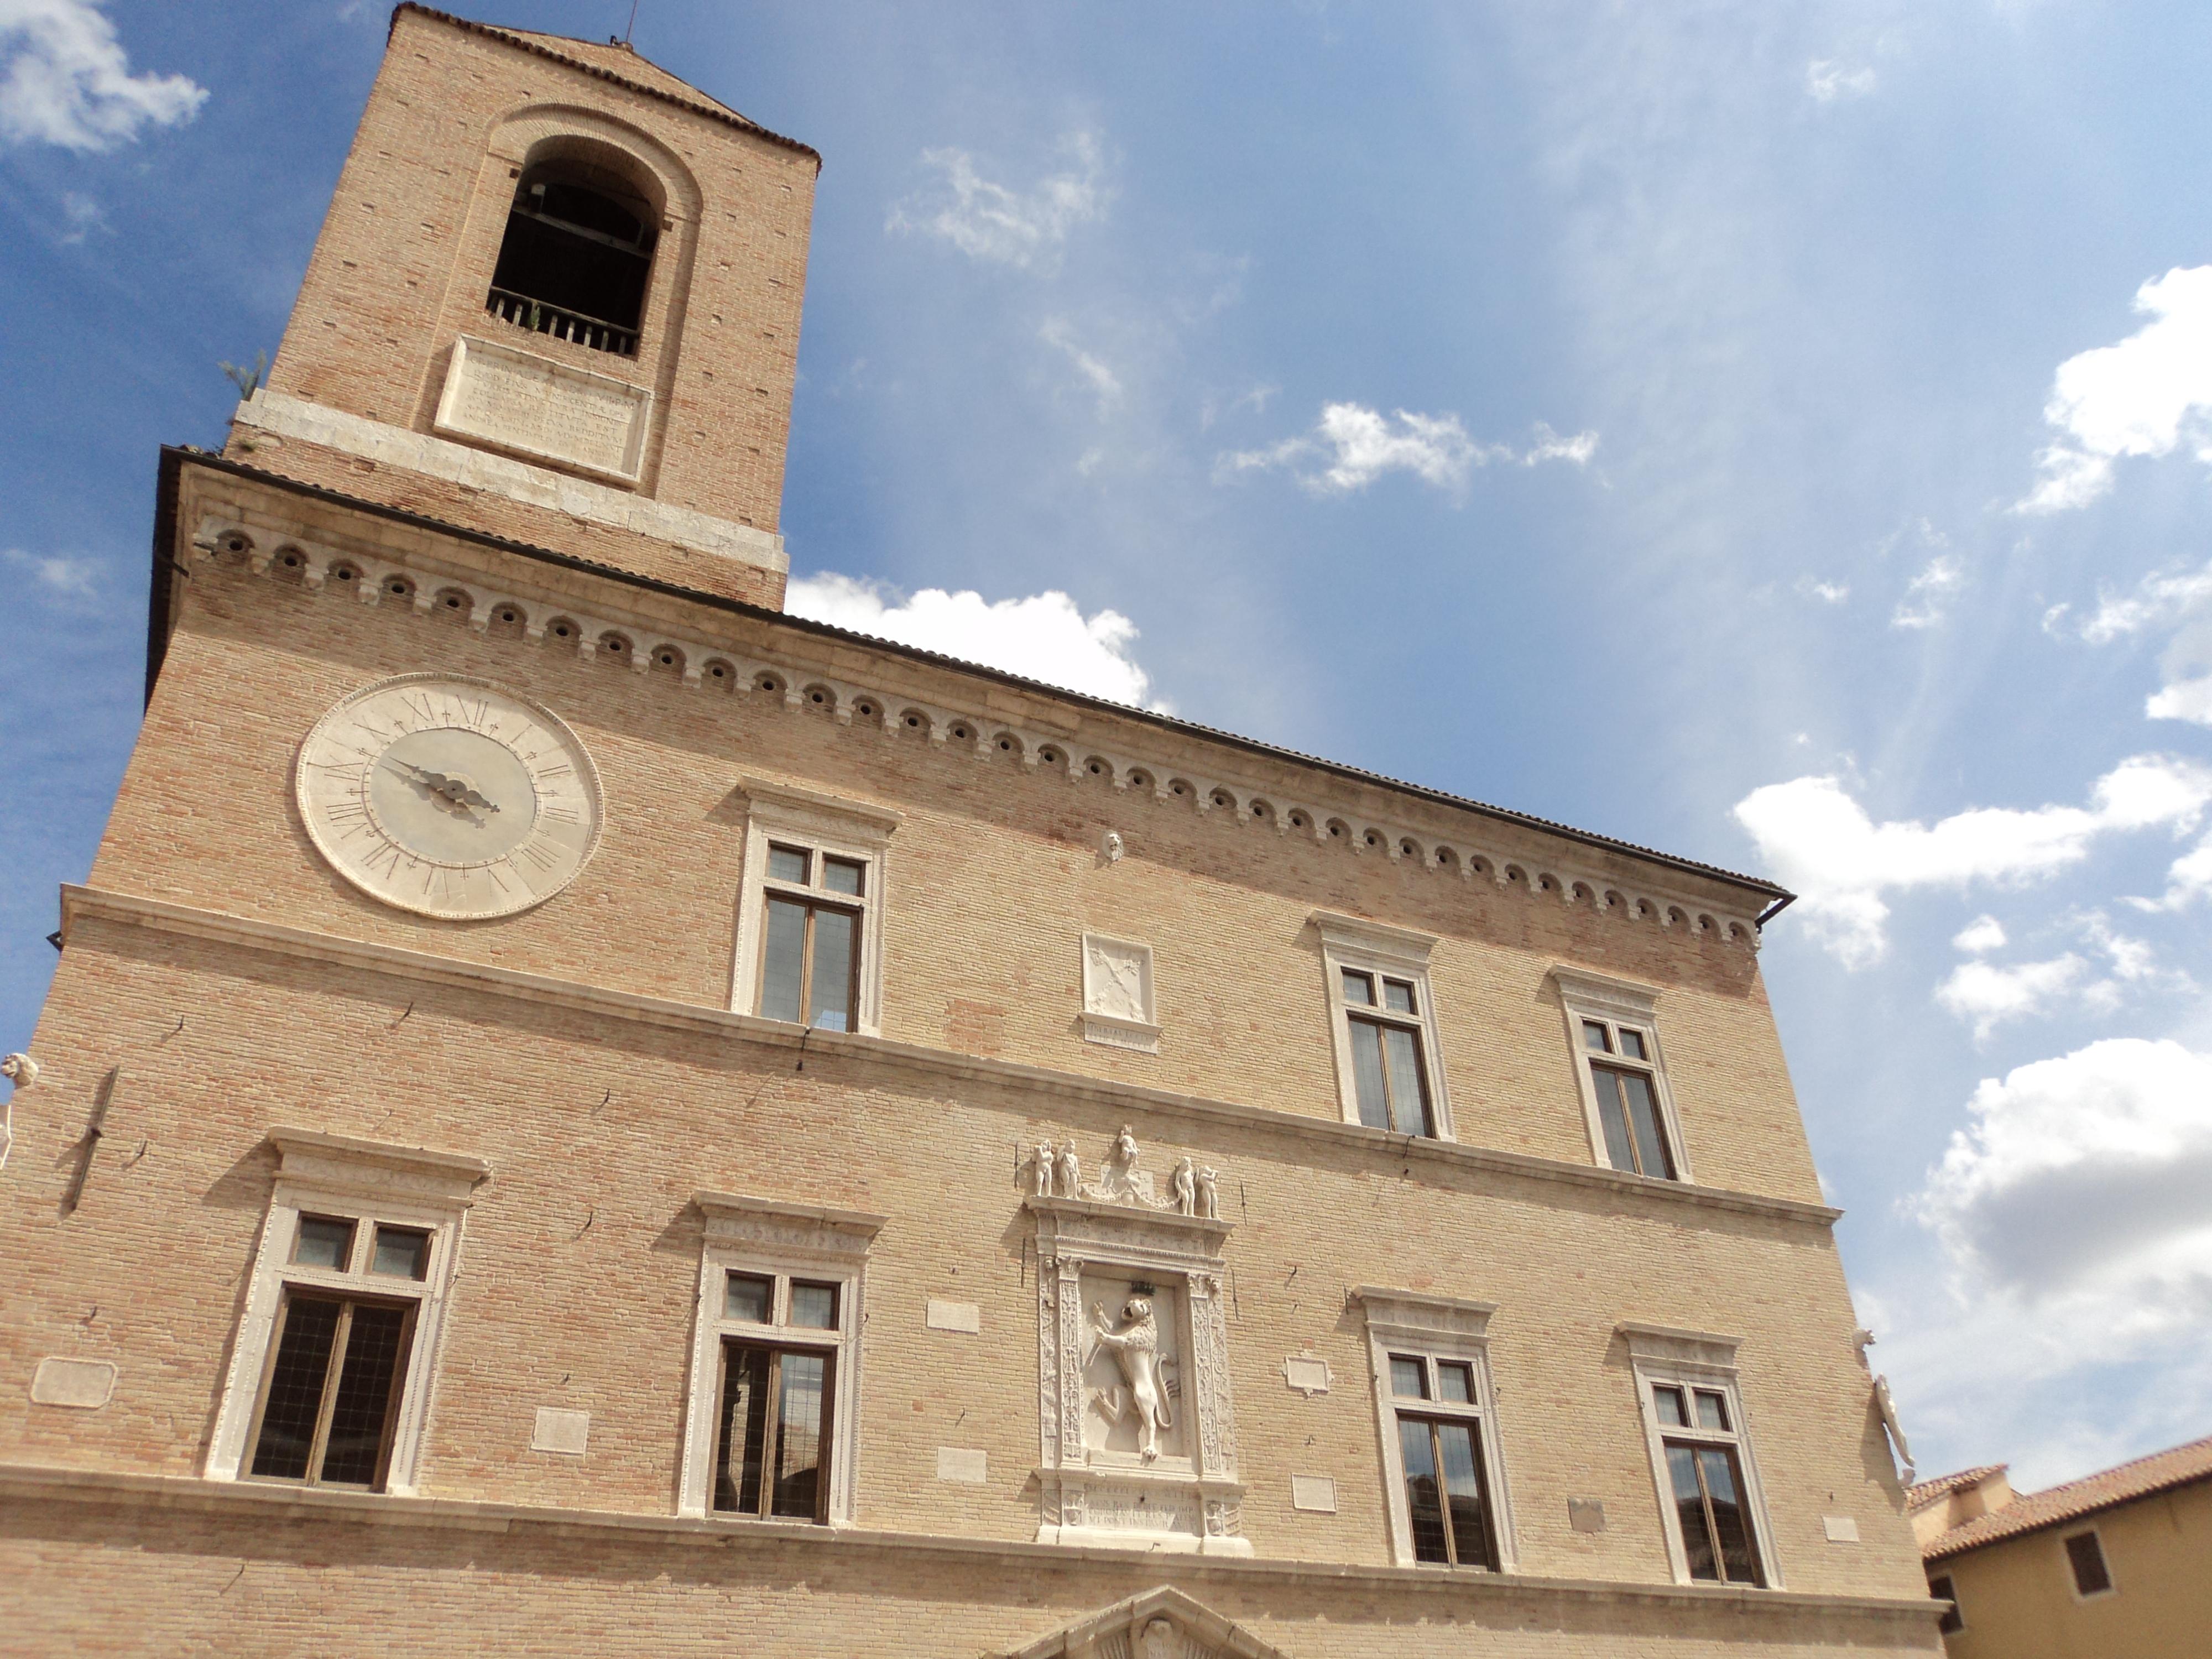 Giornate Fai di primavera a Jesi: sold-out per la Farmacia Fatebenefratelli e Palazzo della Signoria